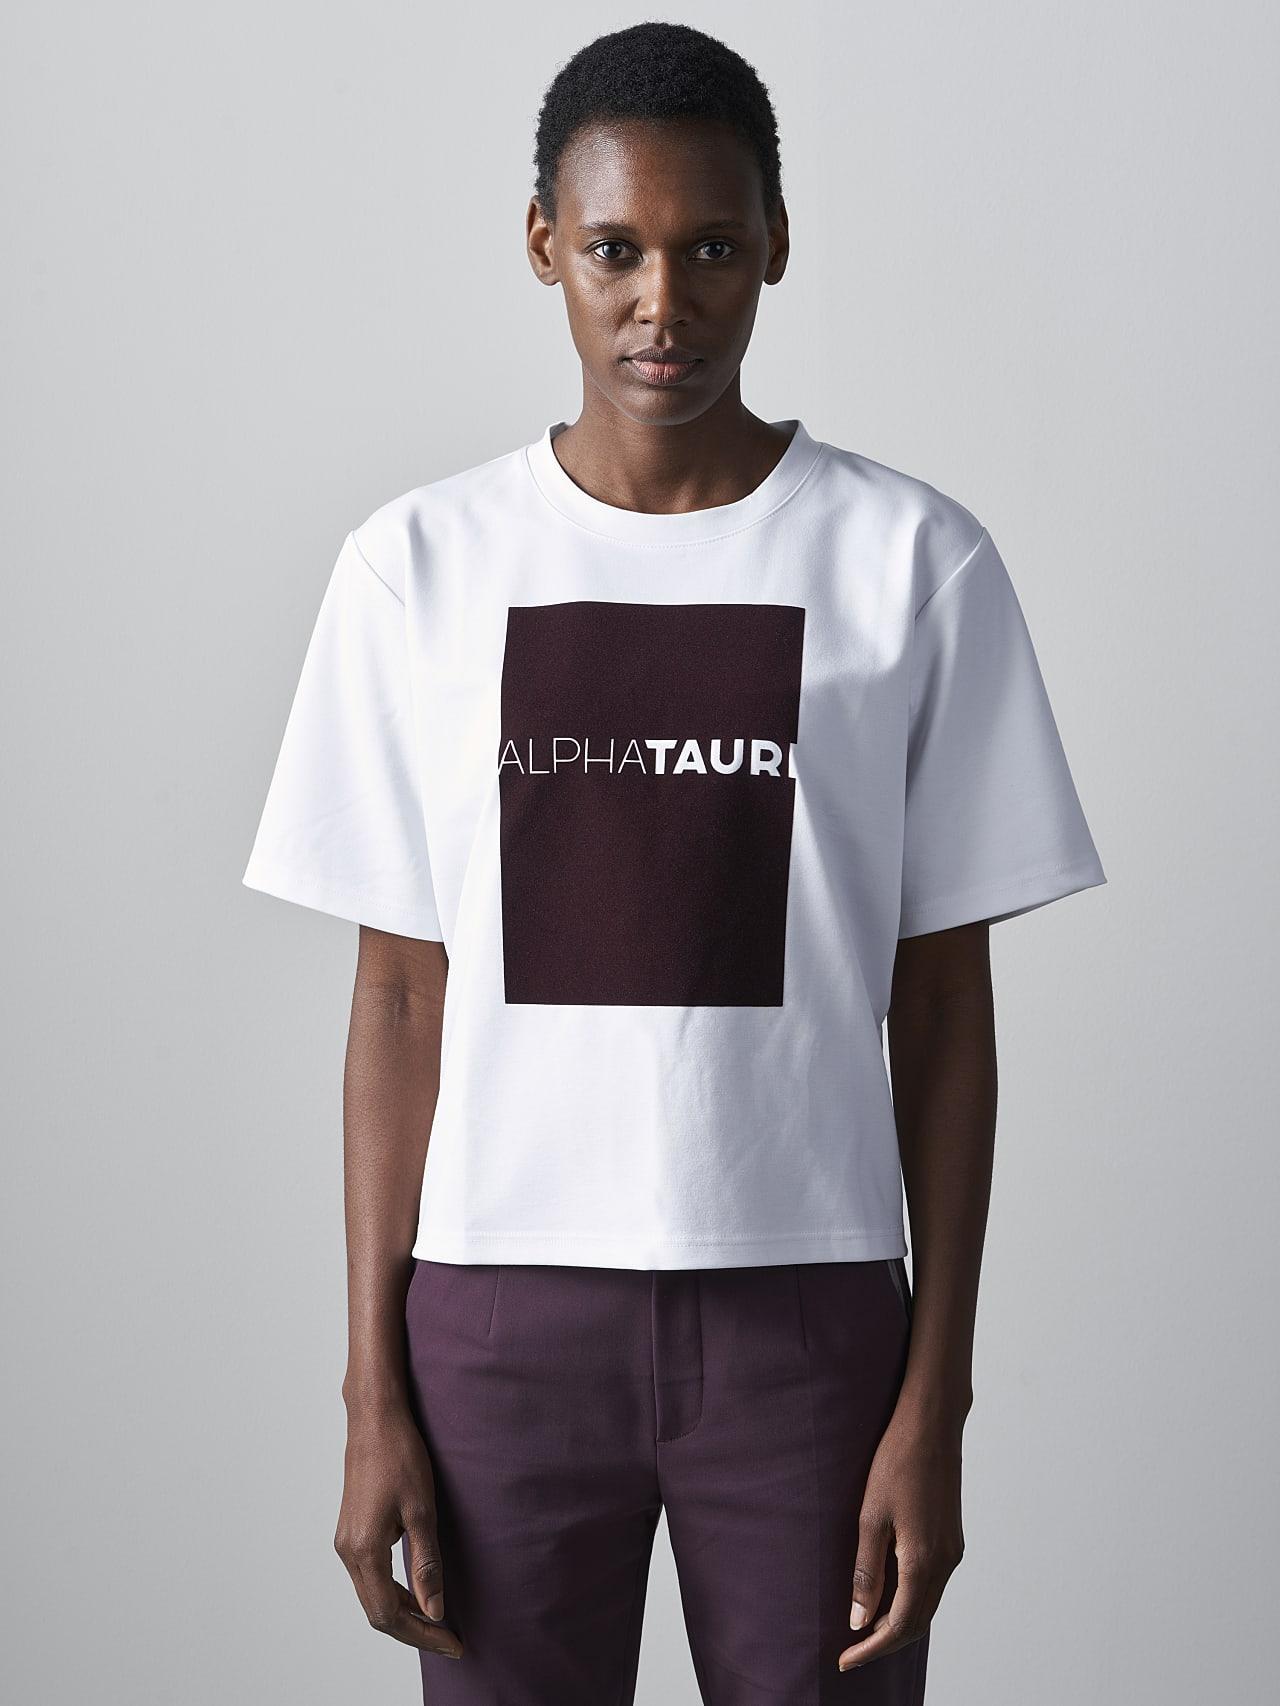 JASHU V1.Y5.02 Heavy-Weight Logo T-Shirt white Model shot Alpha Tauri